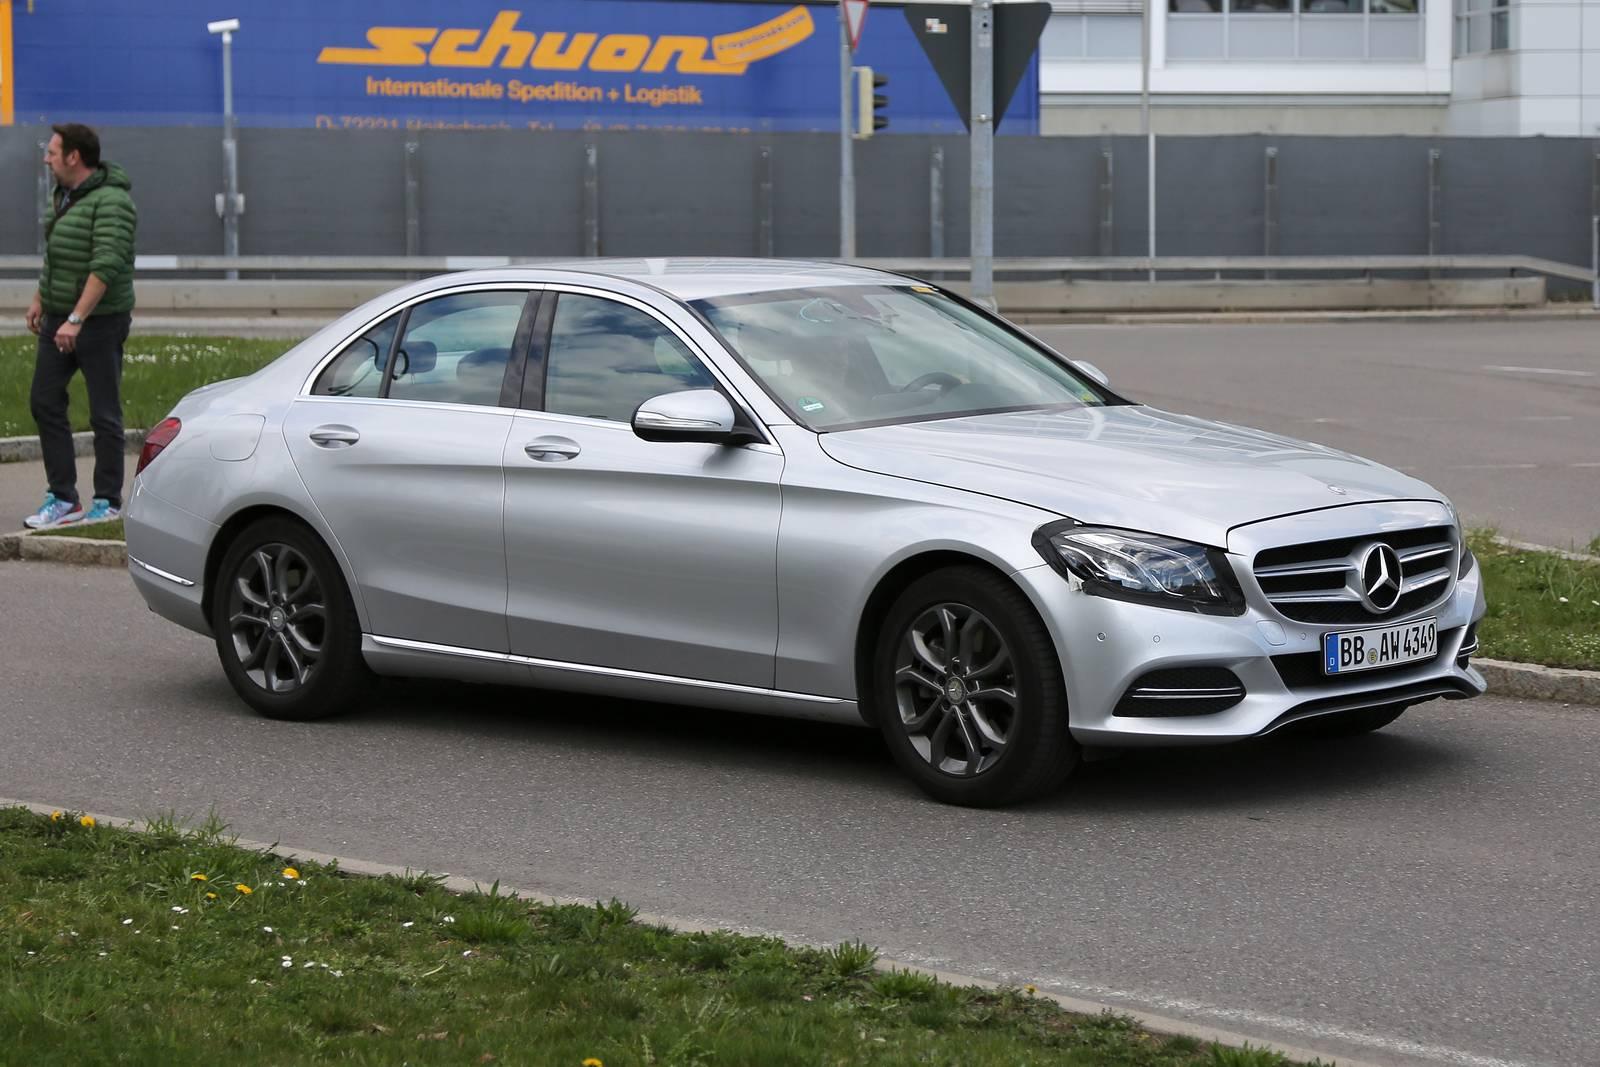 Benz презентует новый A-Class в 2018г.